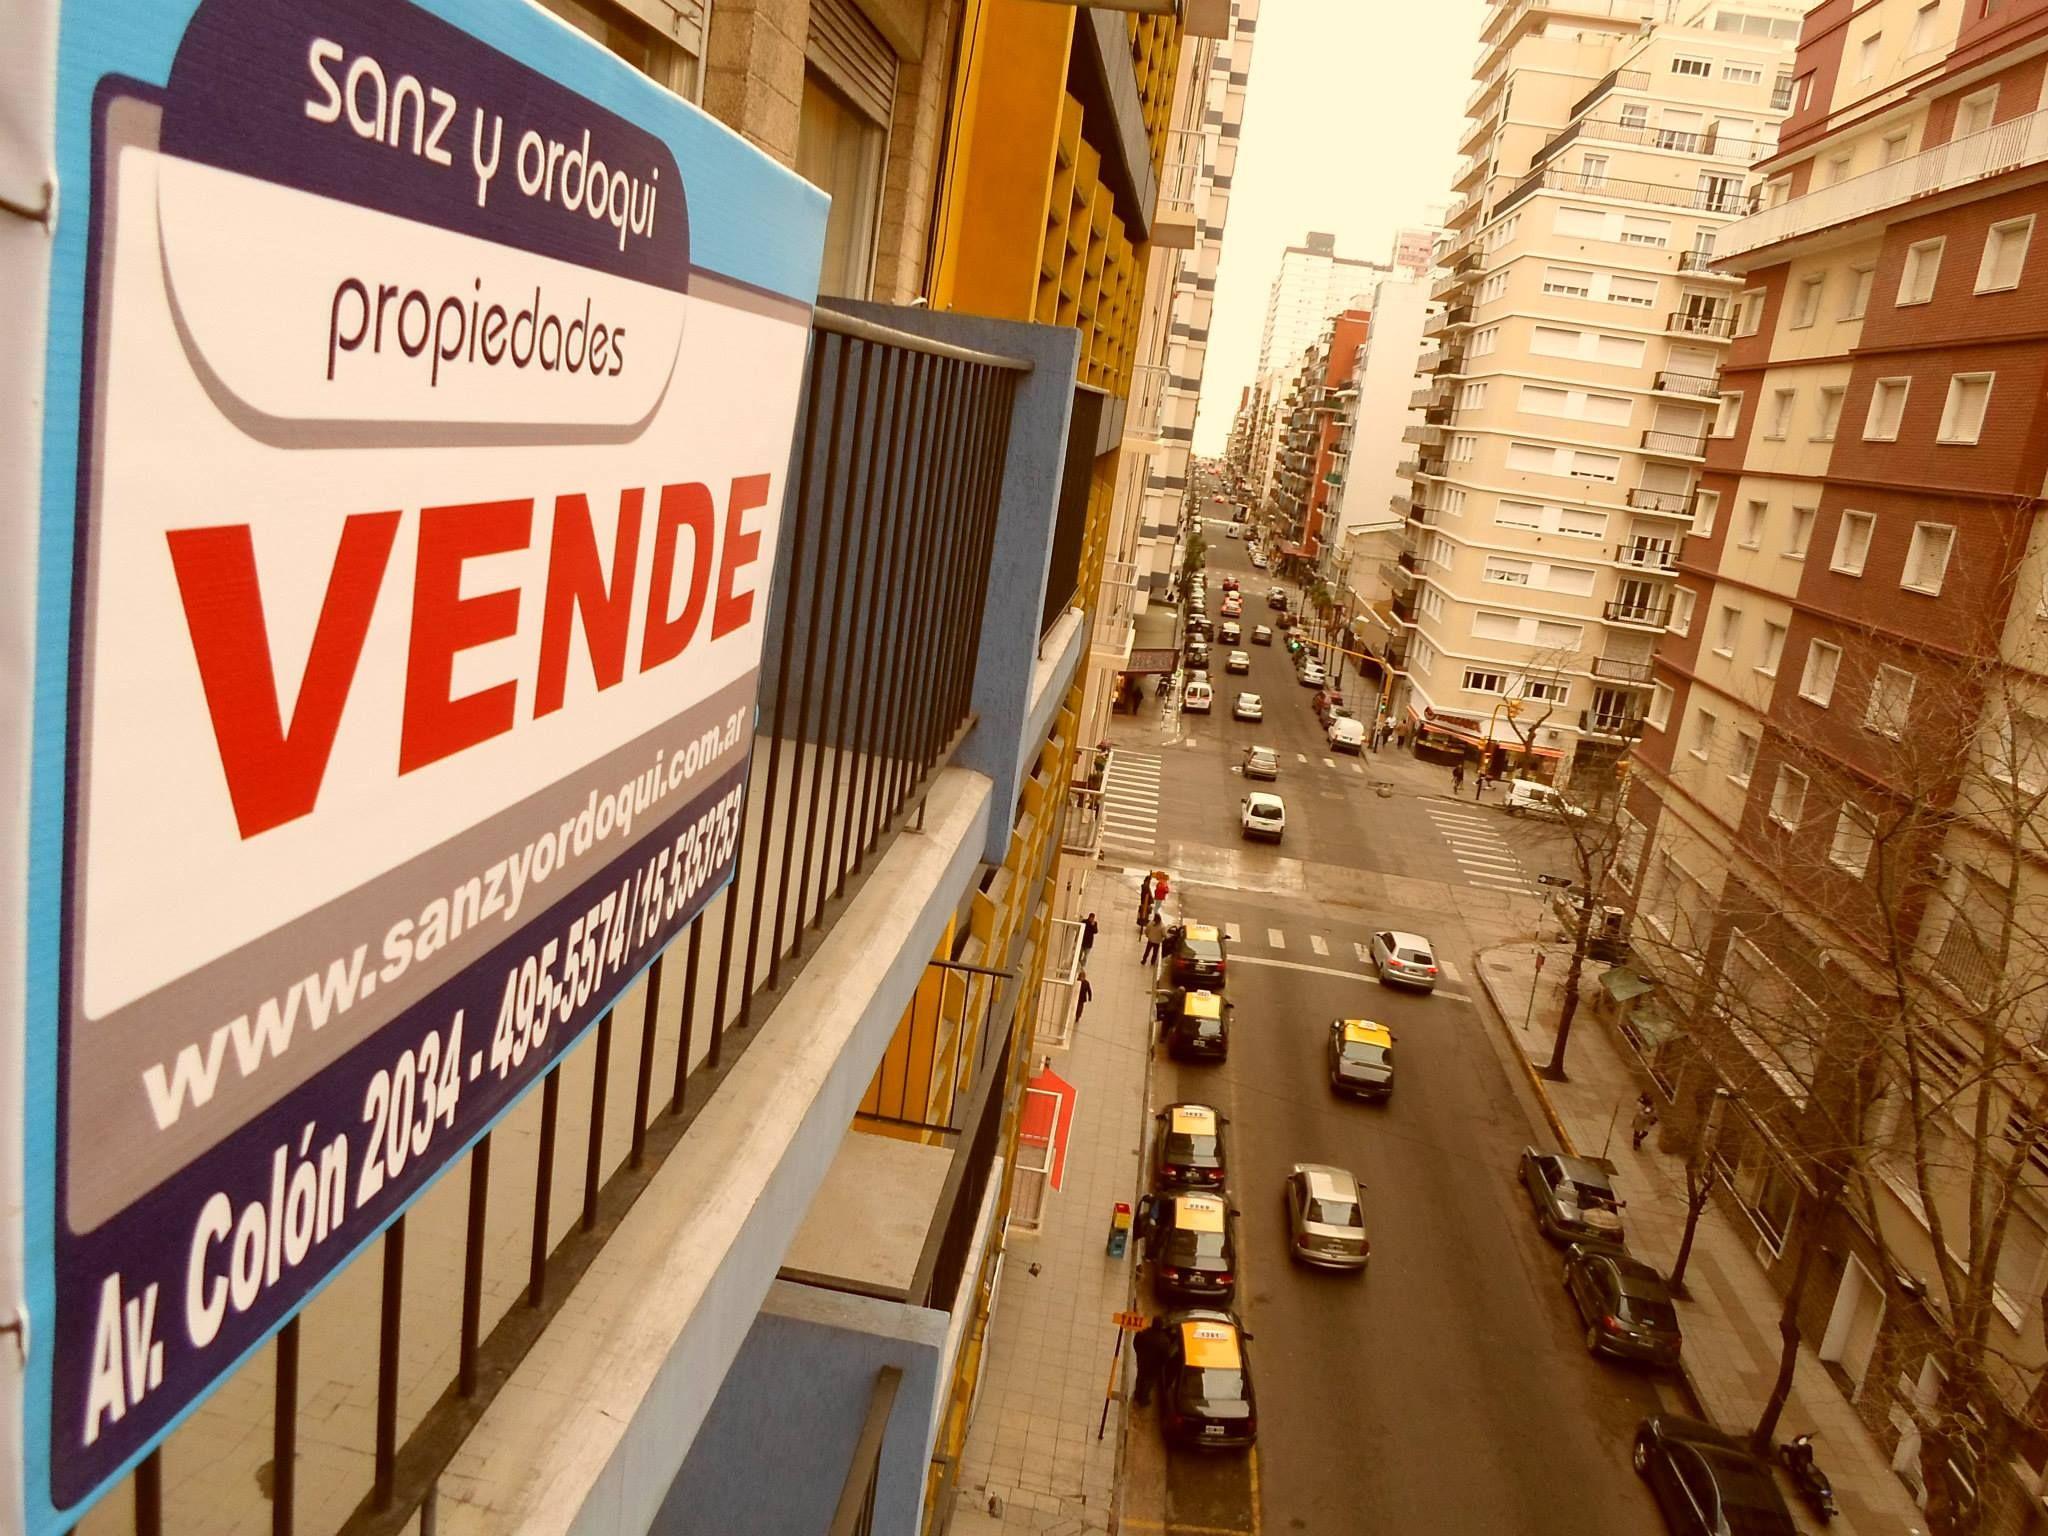 La devaluación y la caída de ventas desaceleró el aumento de los precios de las propiedades